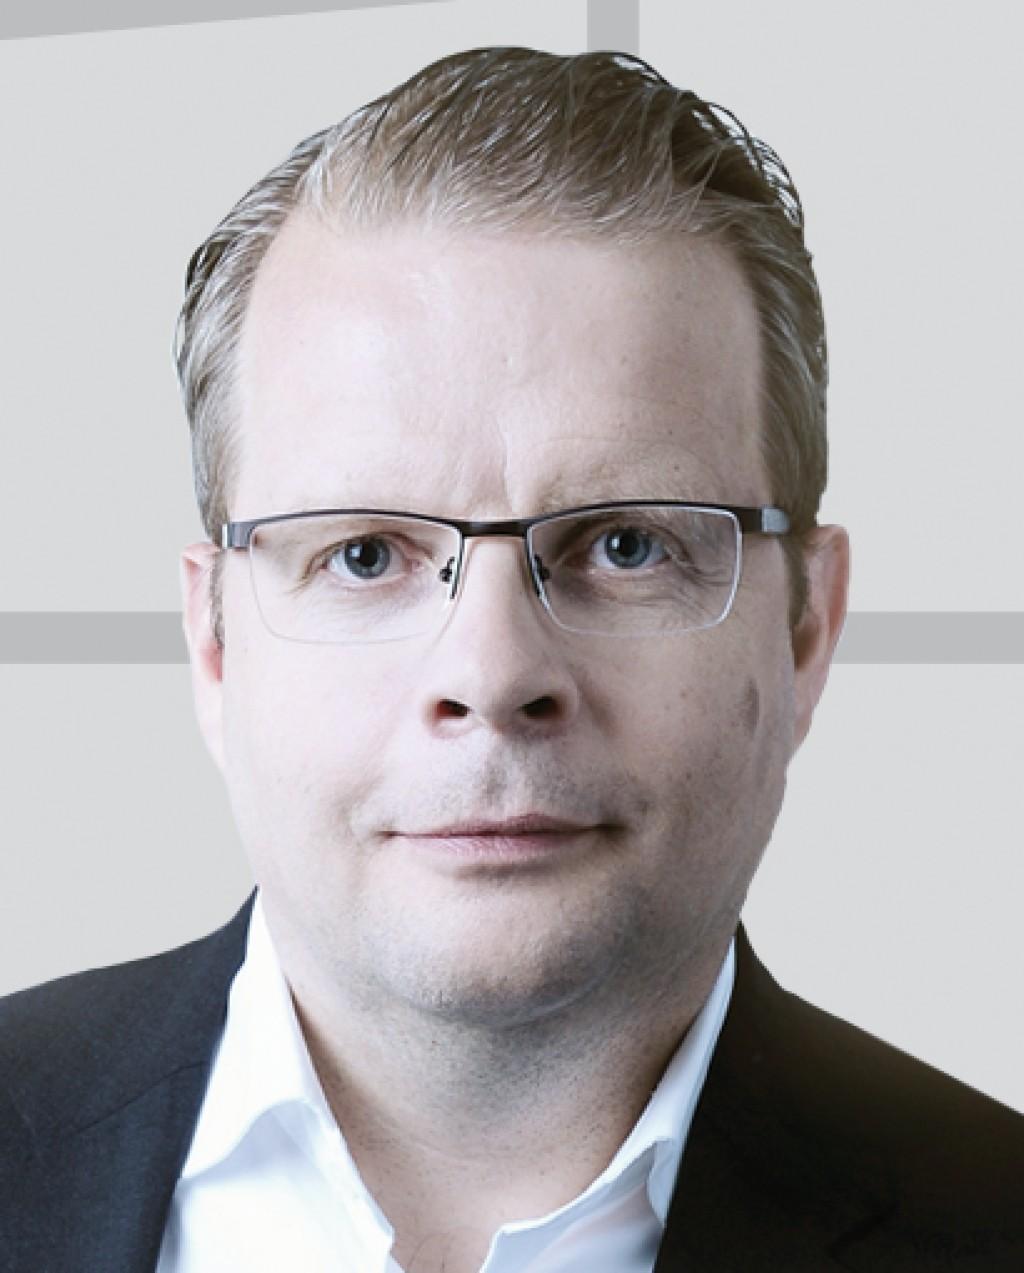 """Marc Schütt, Geschäftsführer der ITVT Consulting, Leonberg: """"Das Motto lautet: weg von Datensilos und Einzelfallbearbeitung, hin zu workflow-basierter Prozessabwicklung."""" Bild: ITVT"""